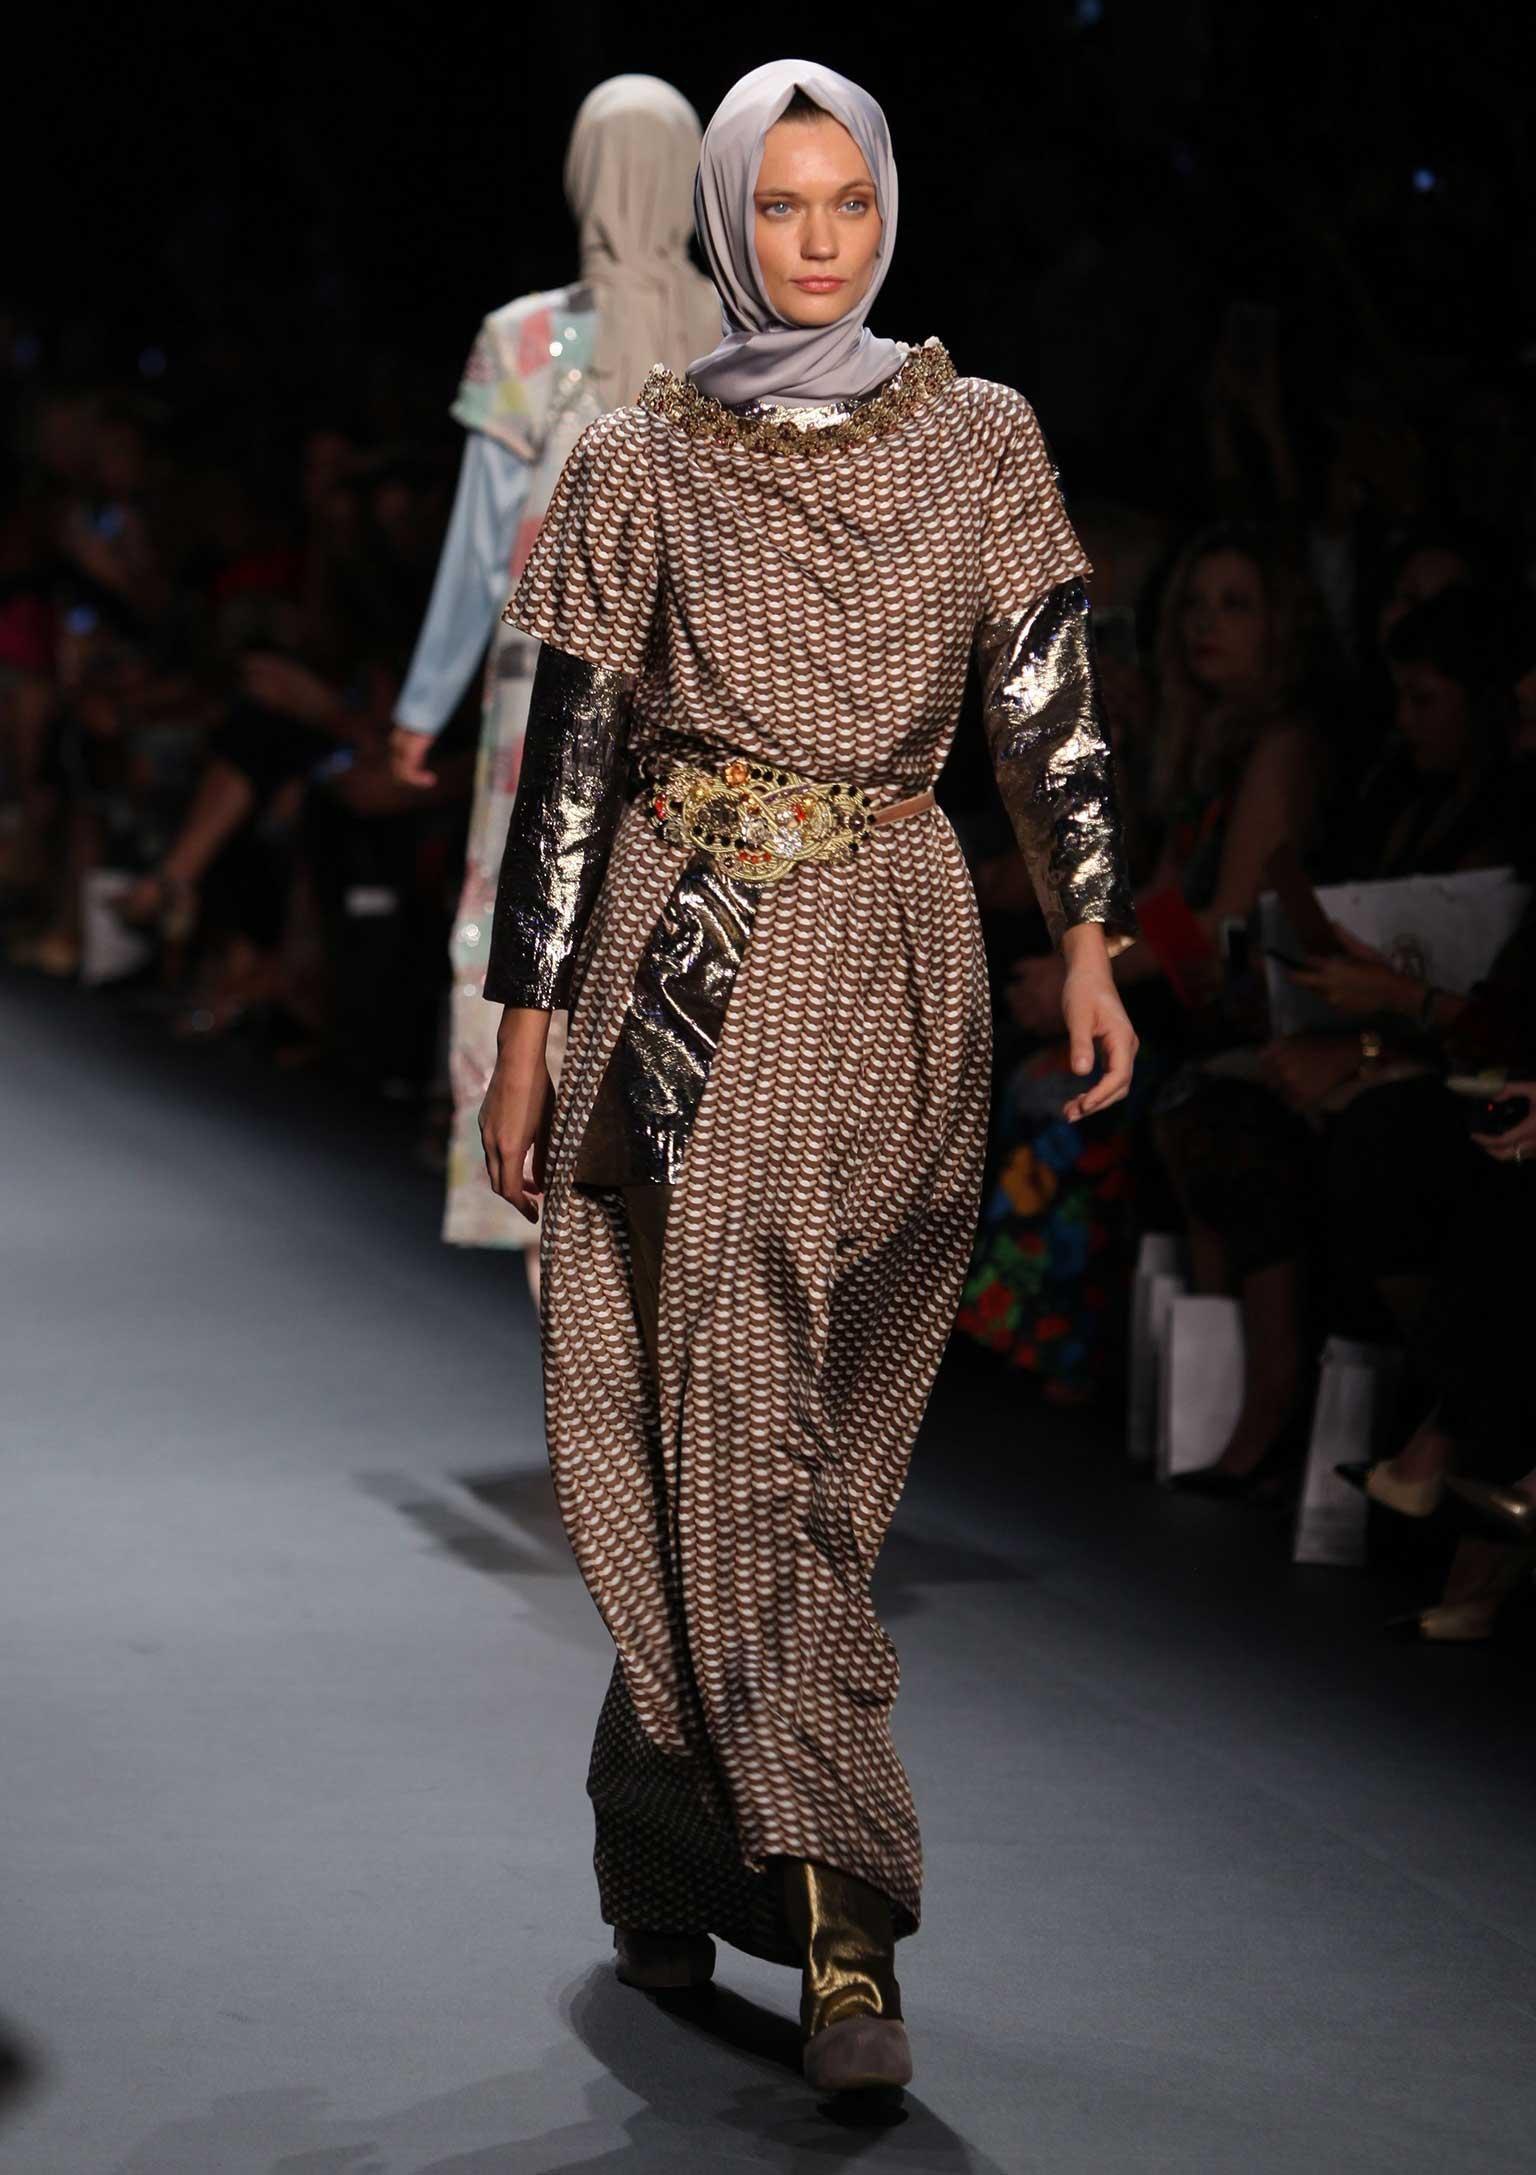 ecc3c9faea9 Modest fashion  How covering up became mainstream